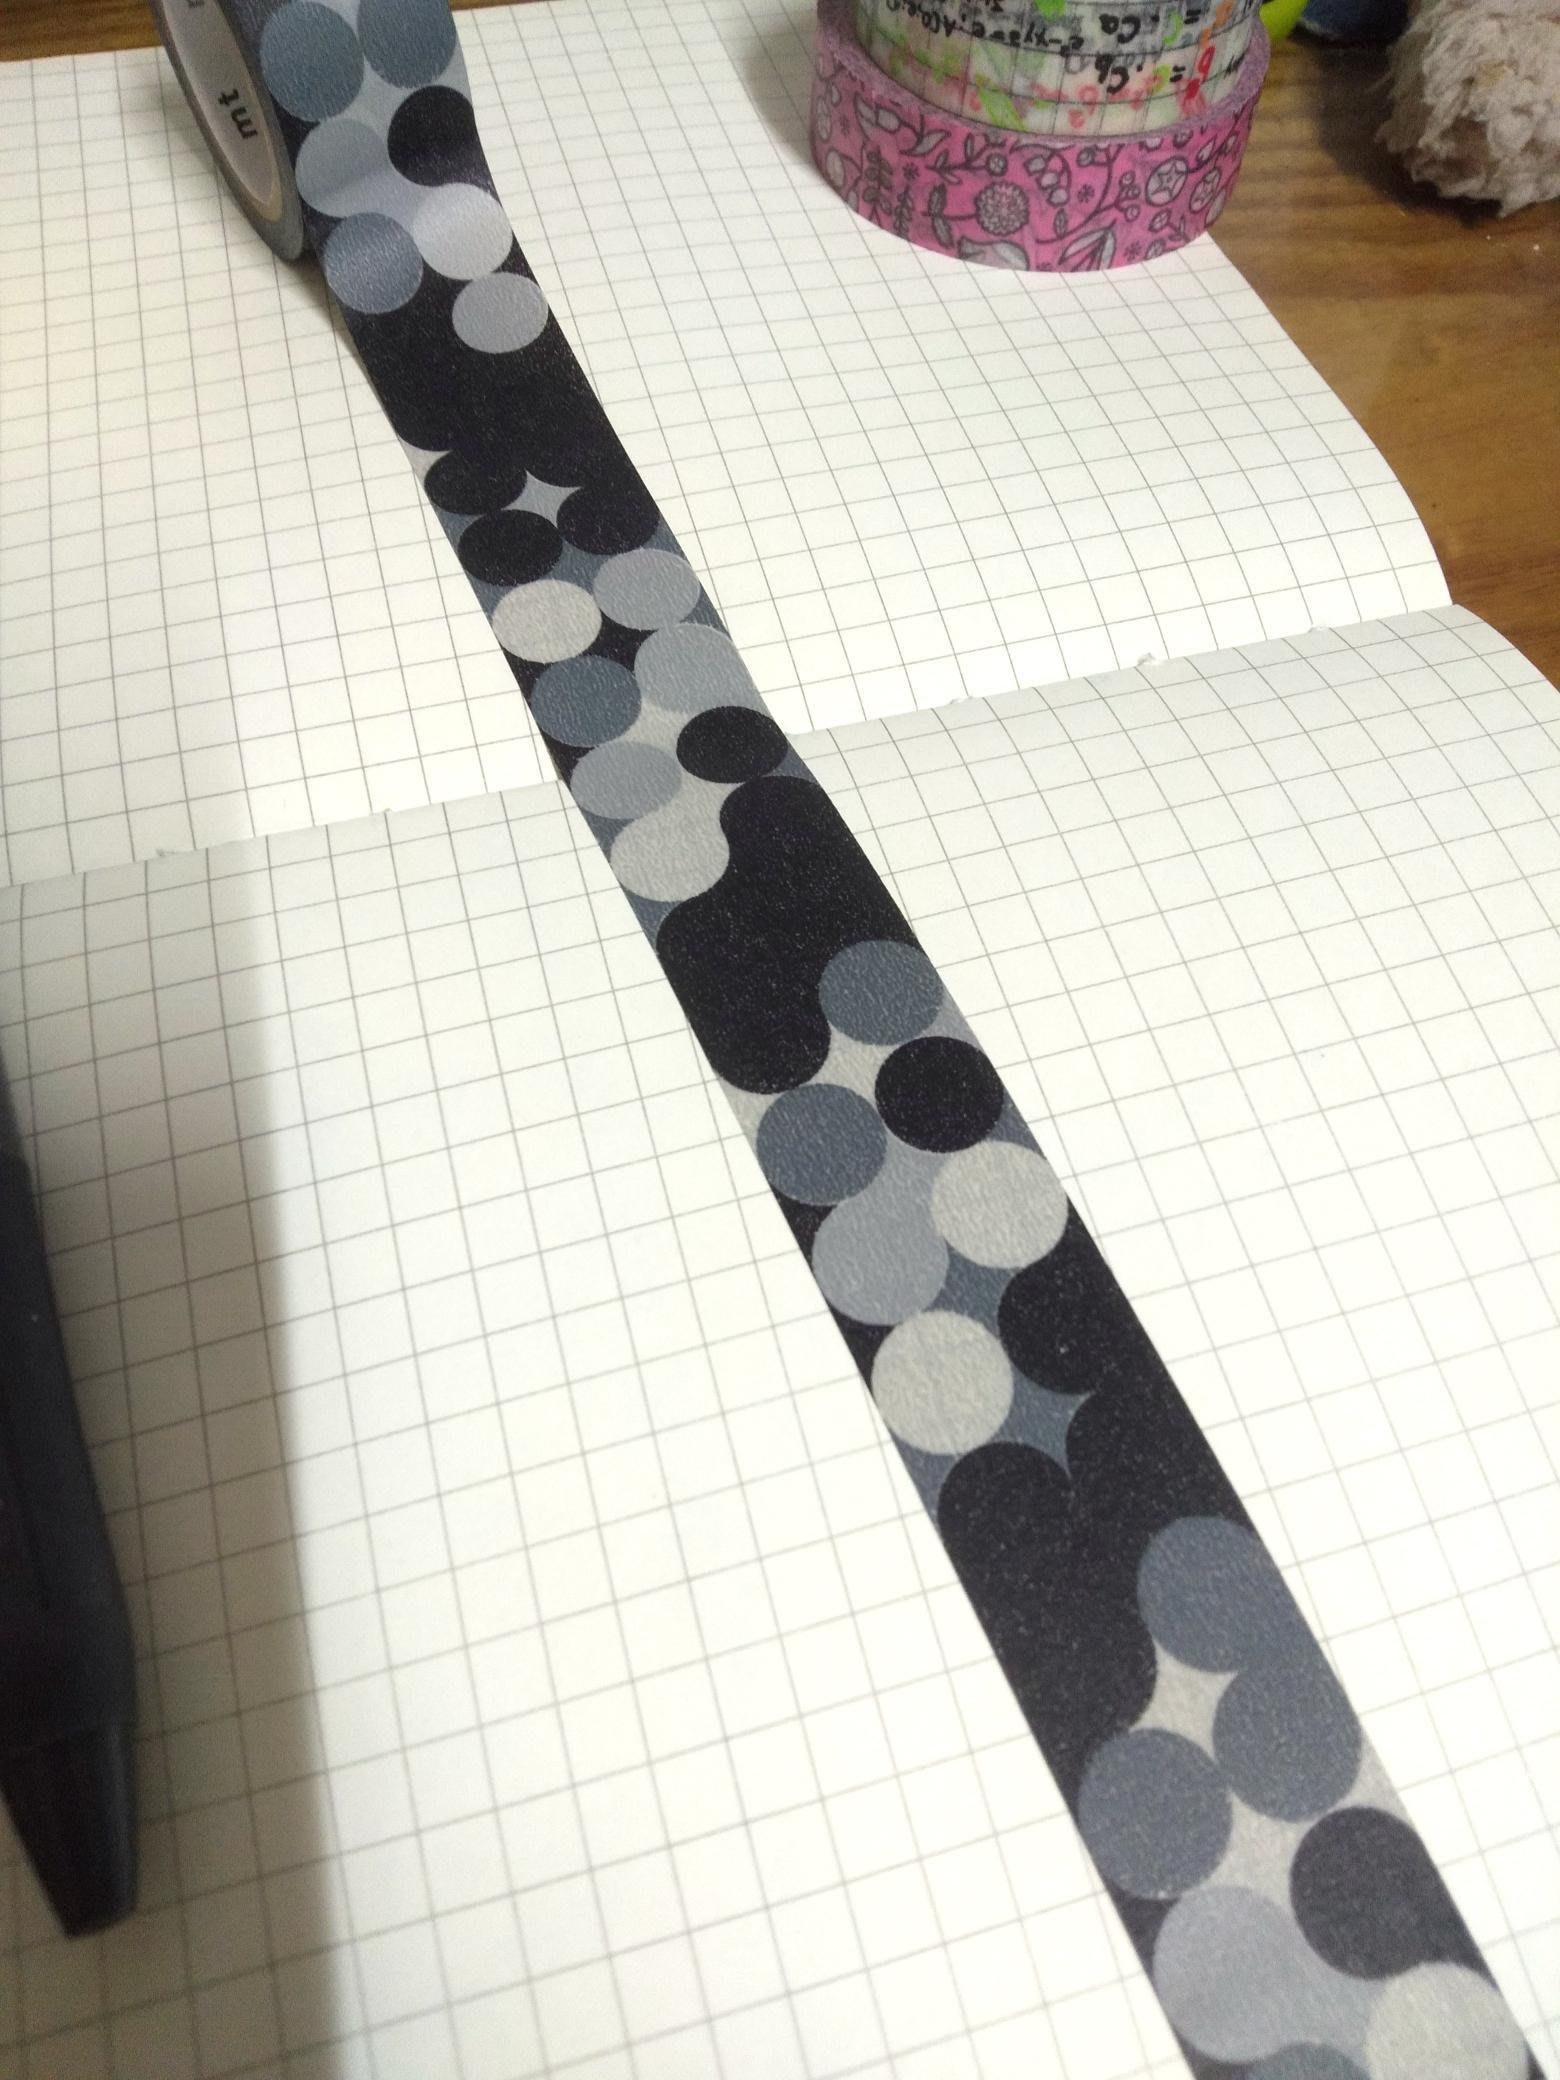 【R的雜貨舖】紙膠帶分裝(非整捲)  日本mt和紙膠帶 mt fab 黑板 點點